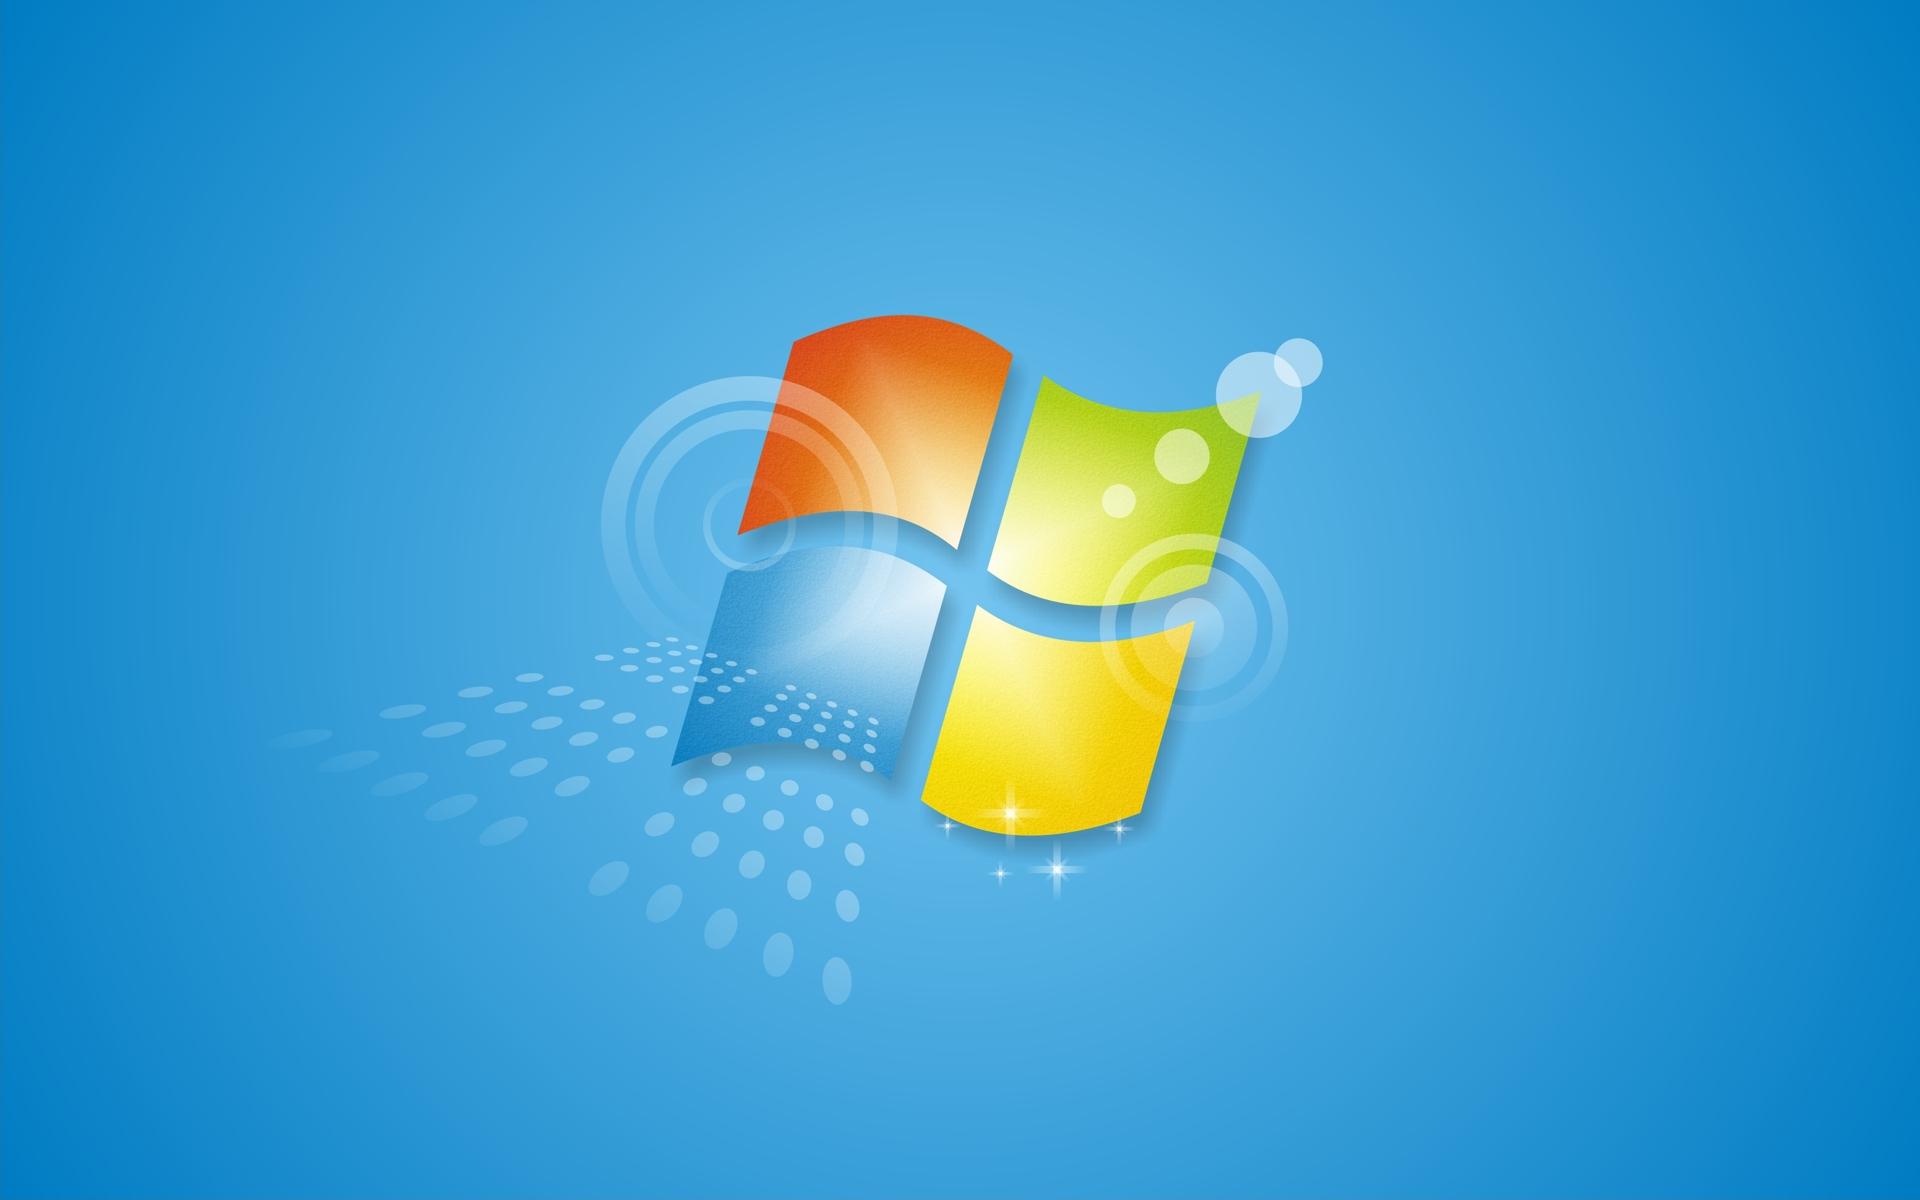 Windows'da Kolayca Ekran Görüntüsü almak